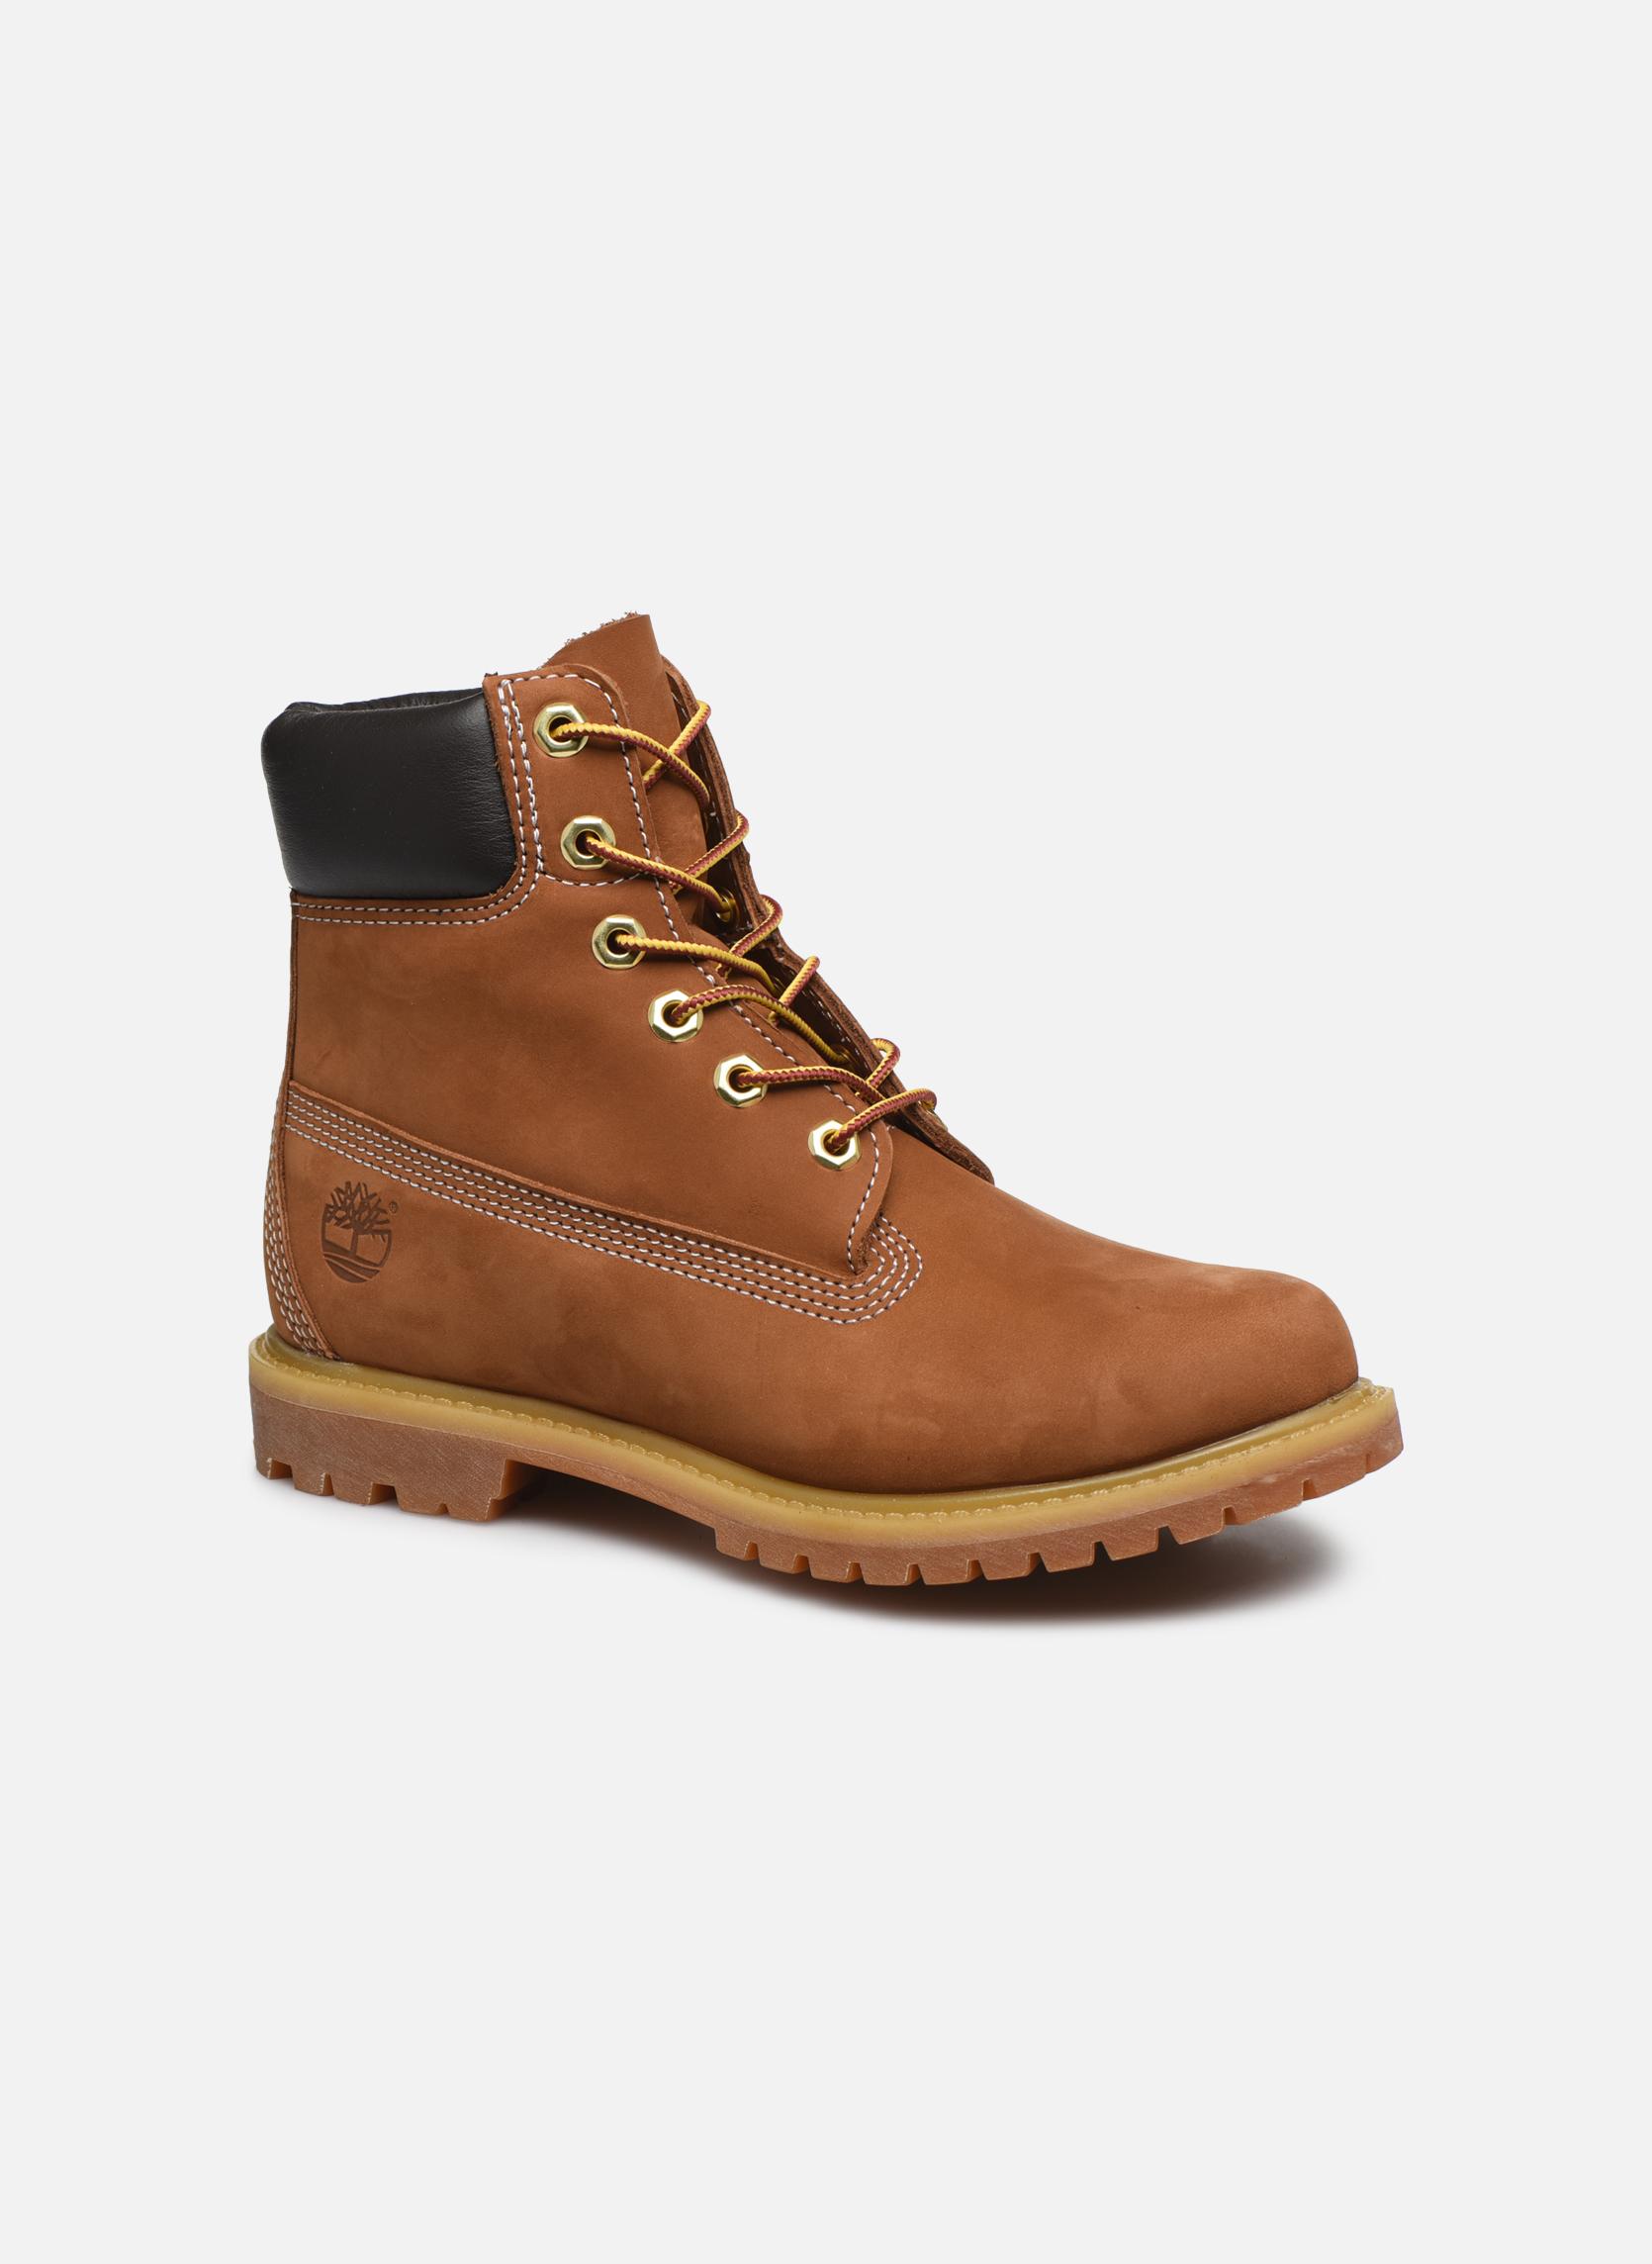 6 in premium boot w